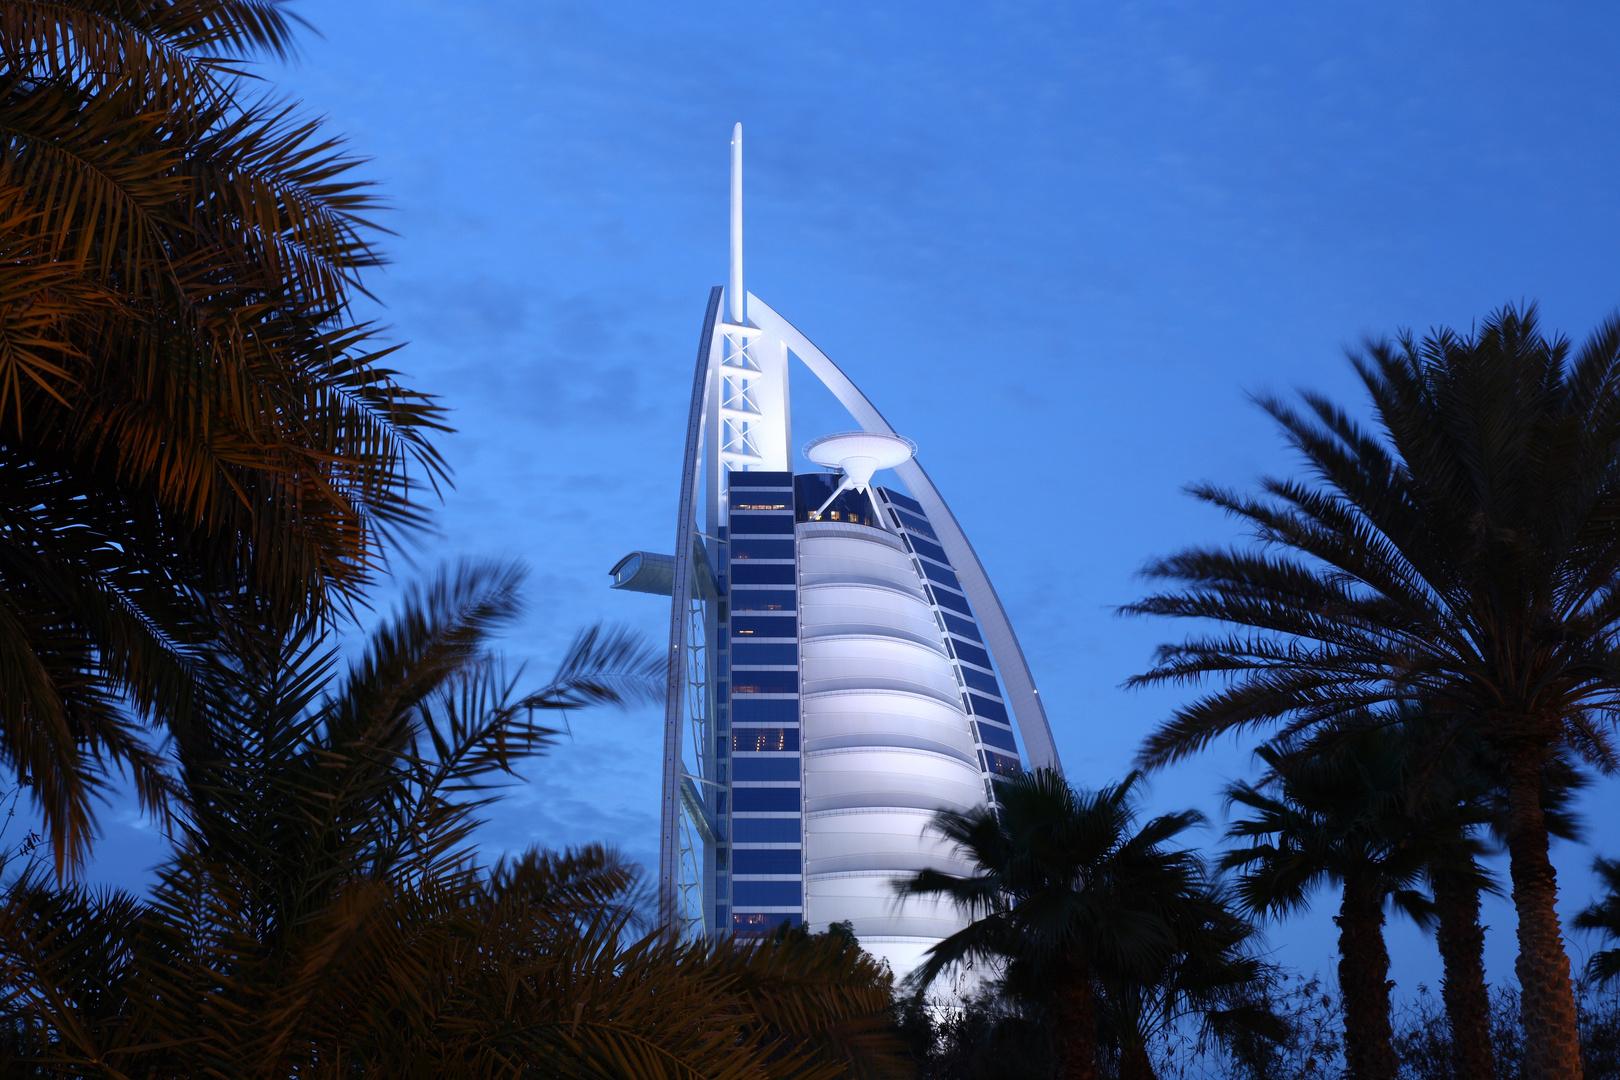 -Burj al Arab-